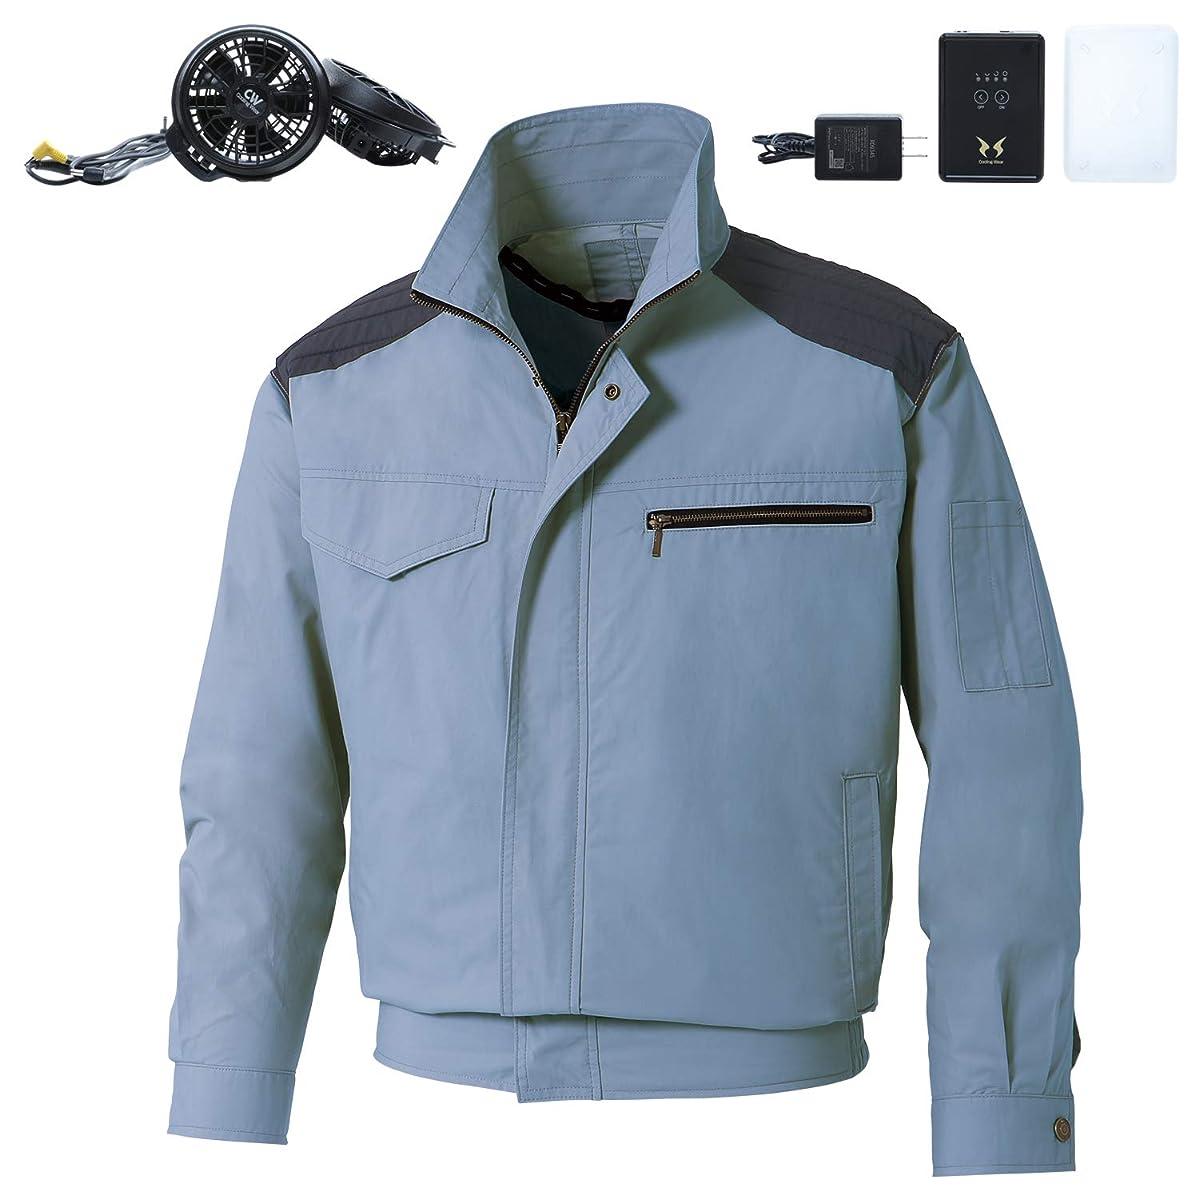 あからさま受動的弾薬サンエス空調風神服肩パッド付長袖ブルゾン(KU93500)+ななめレギュラーファンセット(RD9910R)+リチウムイオンバッテリー(RD9890J)セット販売